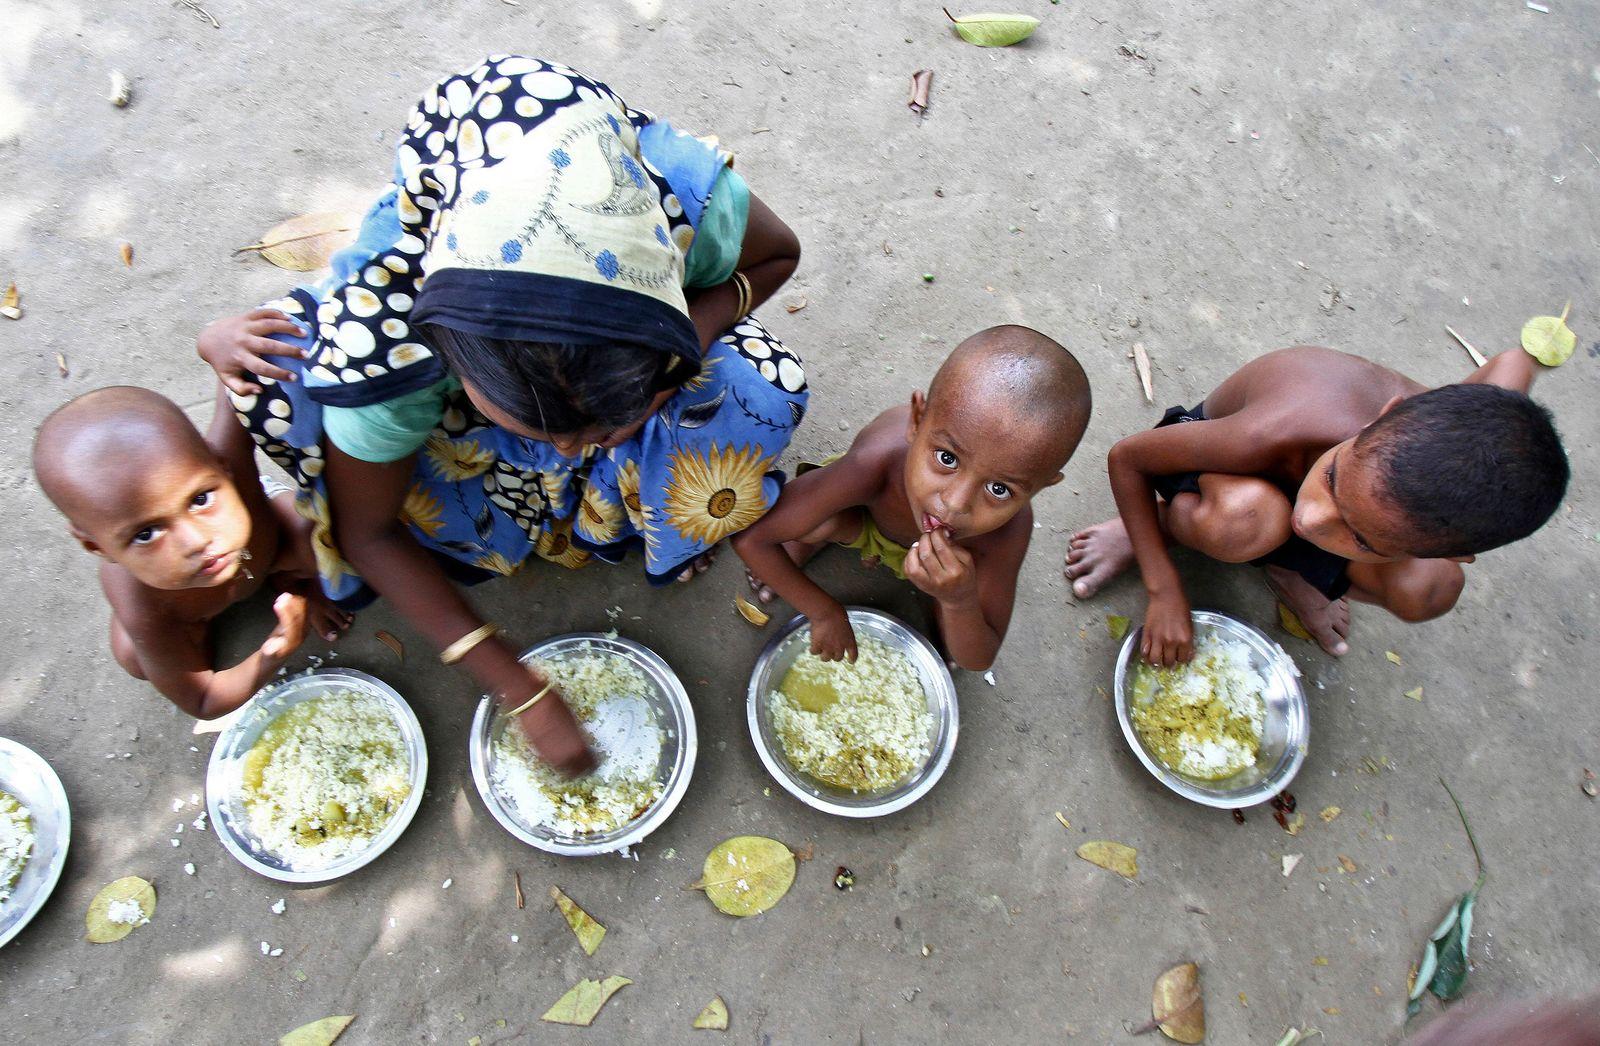 Indien / Armut / Hunger / Lebensmittel / Kinder / Kinderarmut